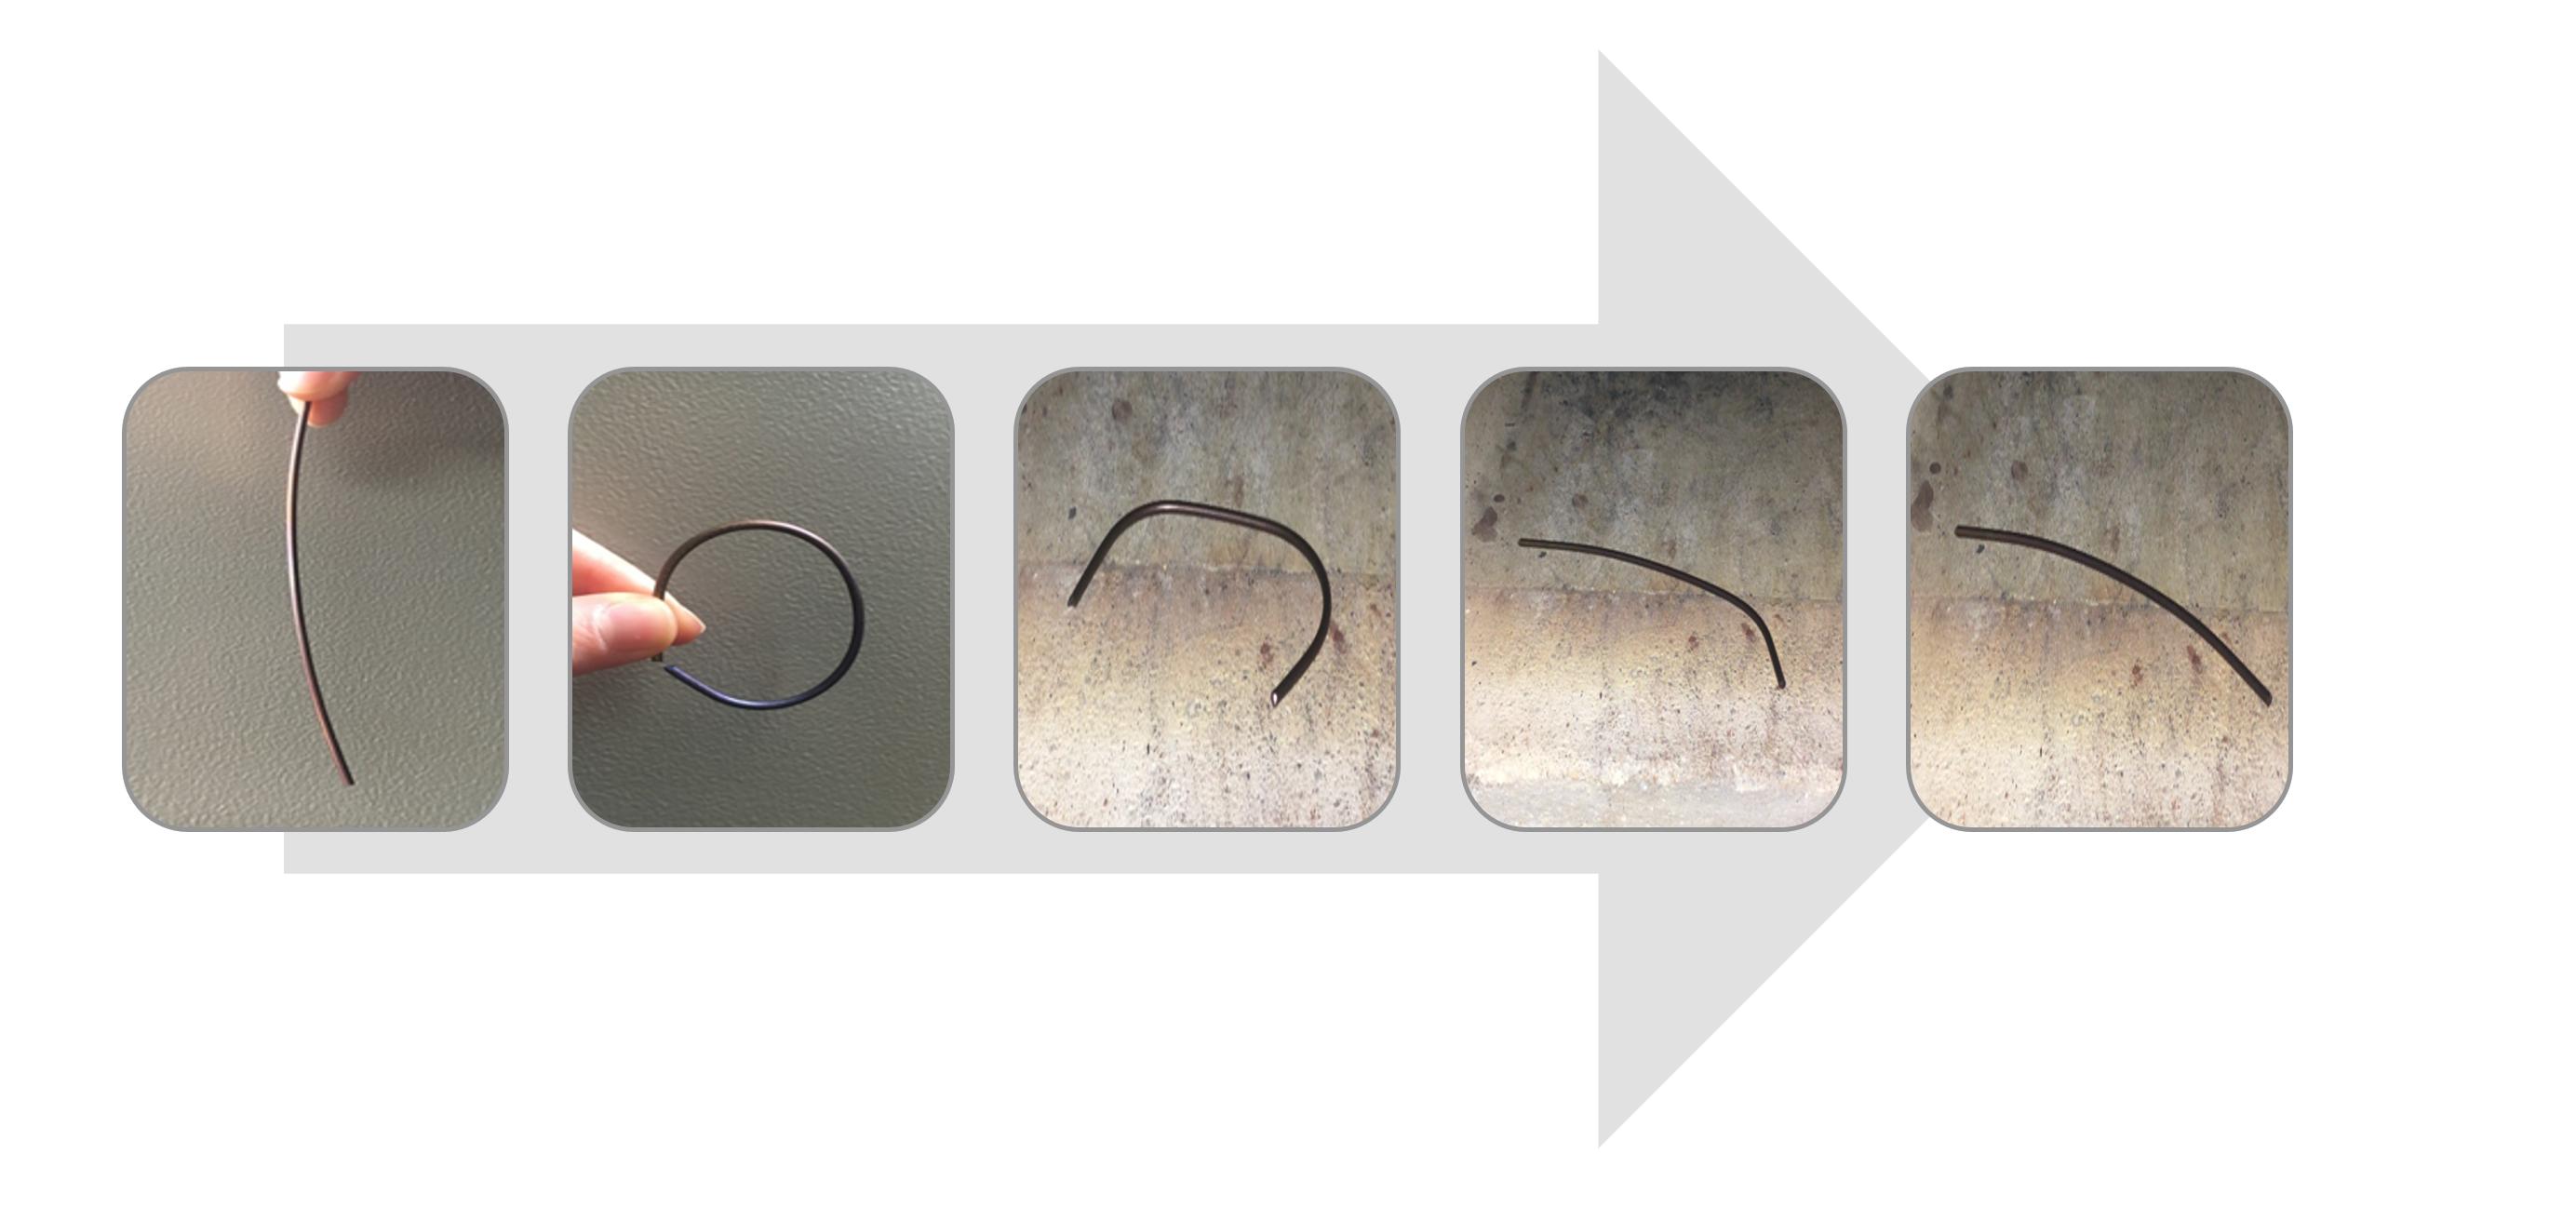 Leghe a memoria di forma, materiali innovativi per la protezione sismica degli edifici